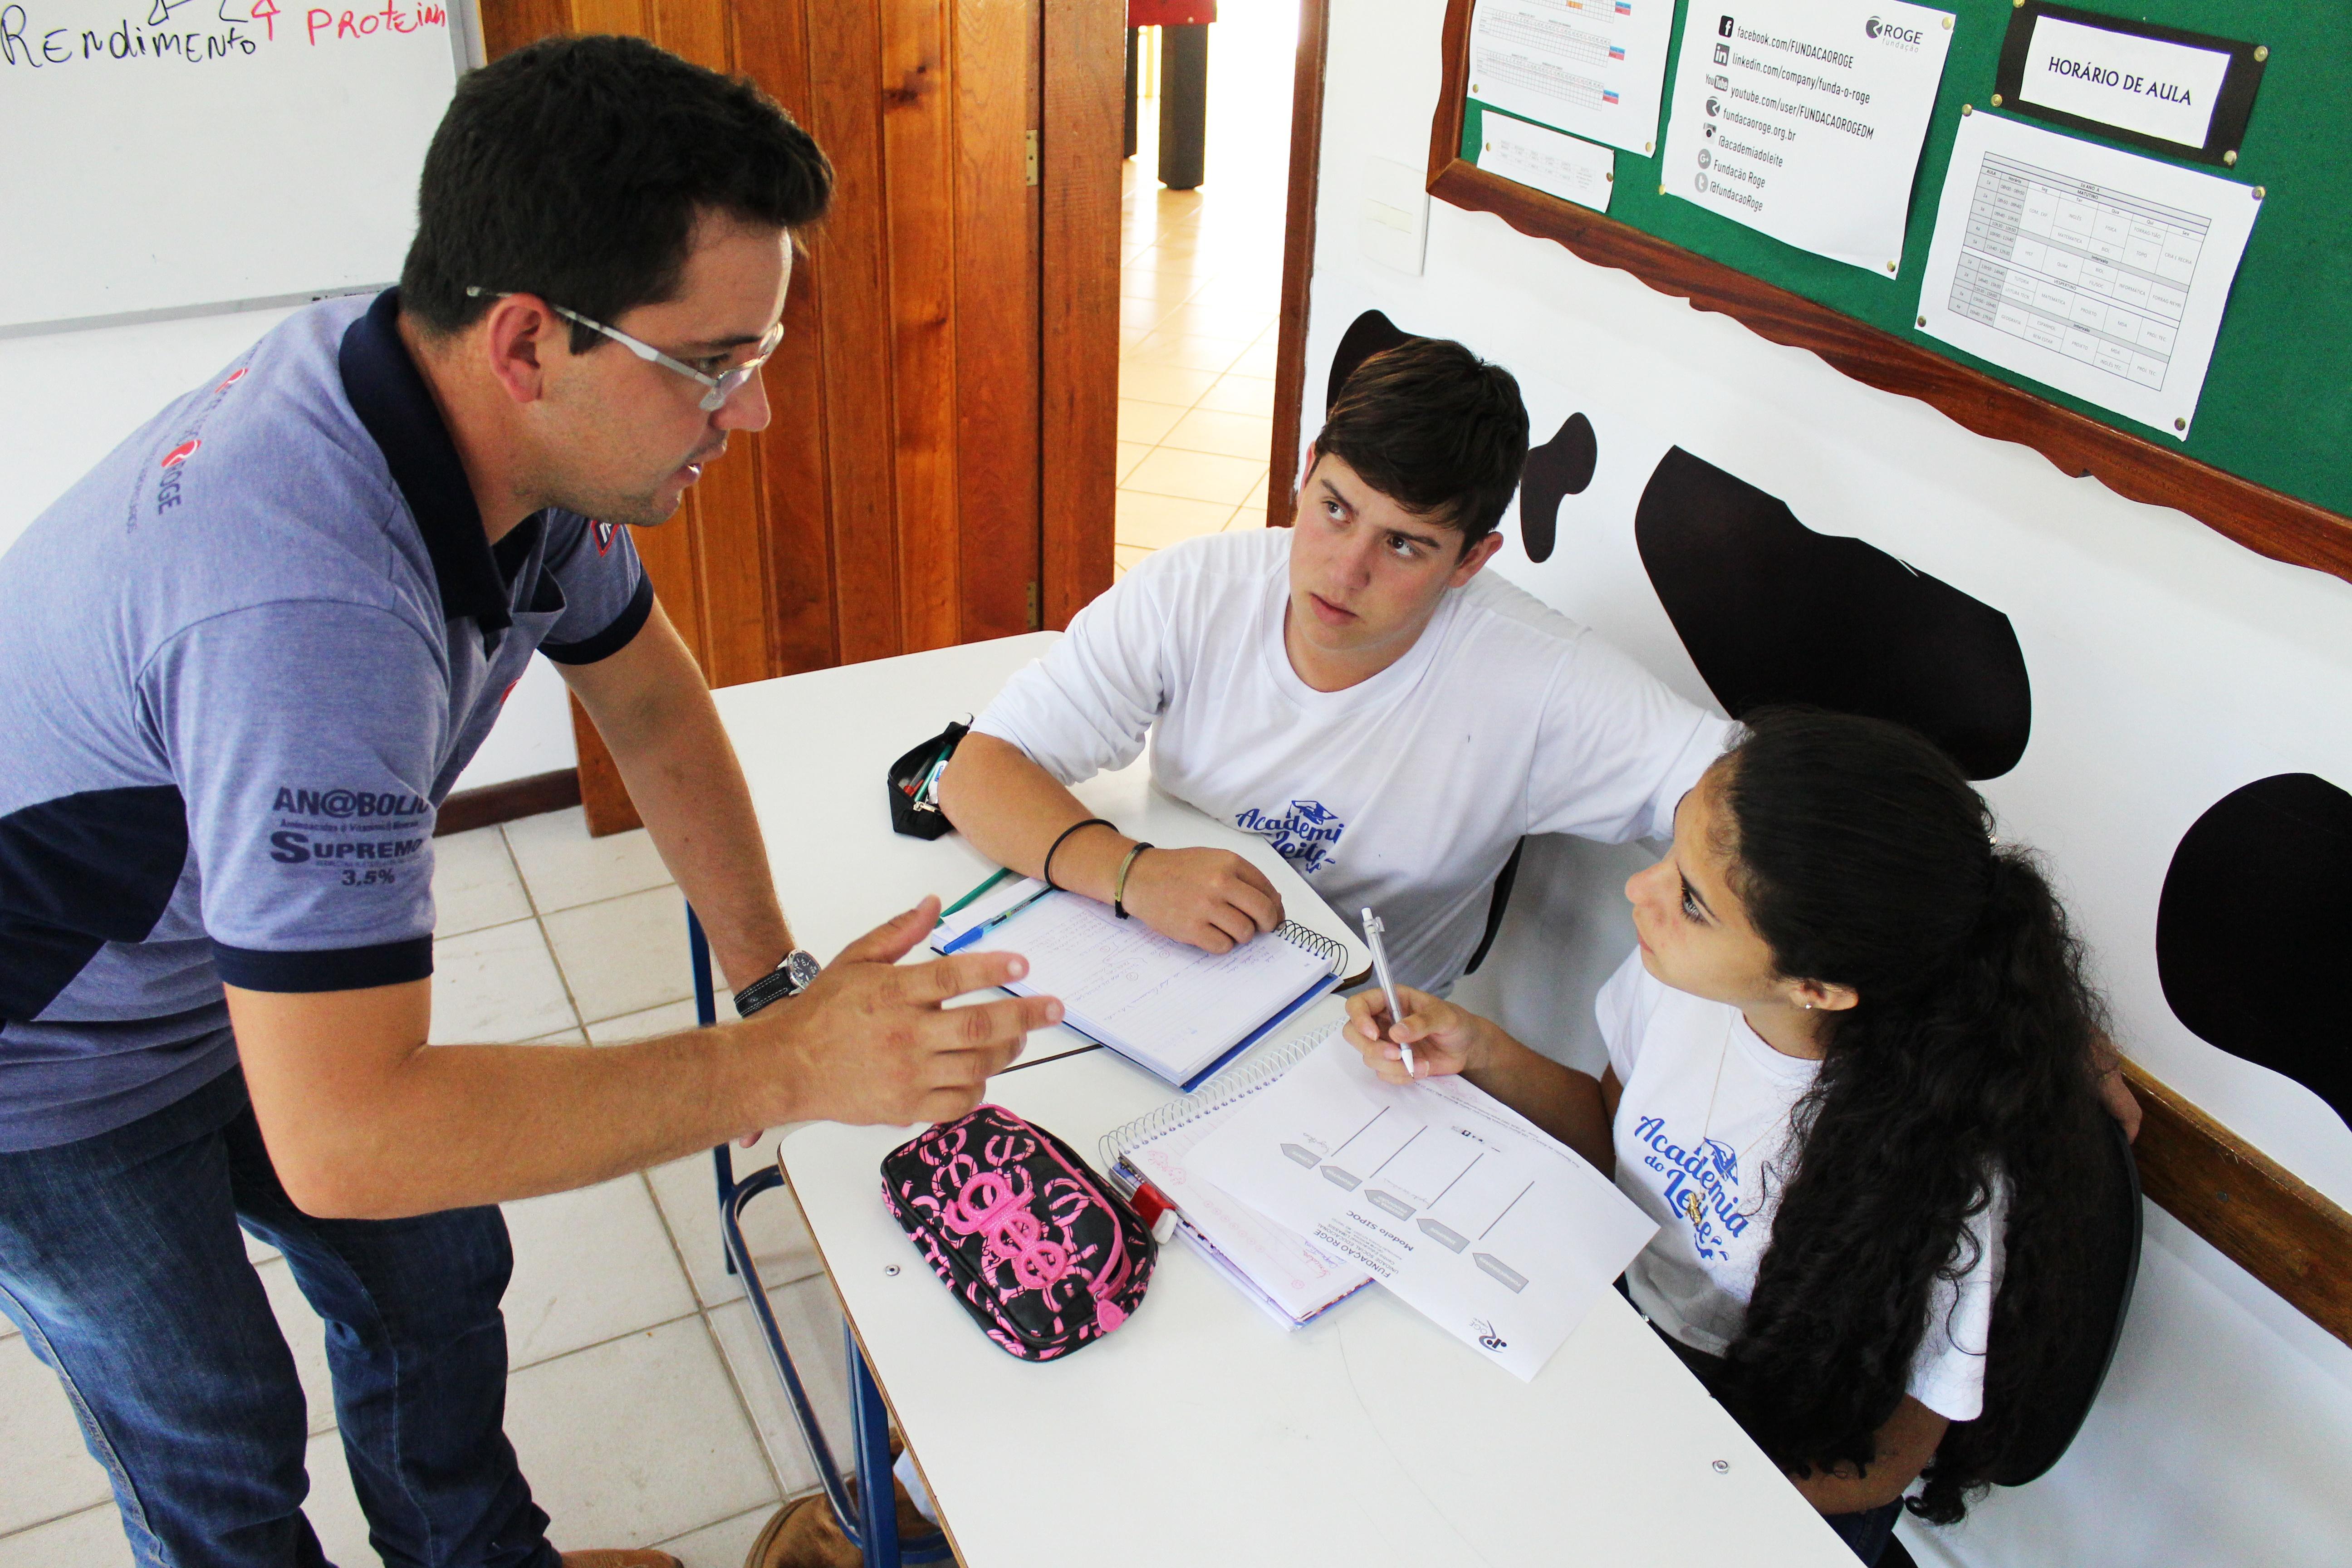 Formação gerencial na Academia do Leite/Créditos:Natália Ribeiro.jpg